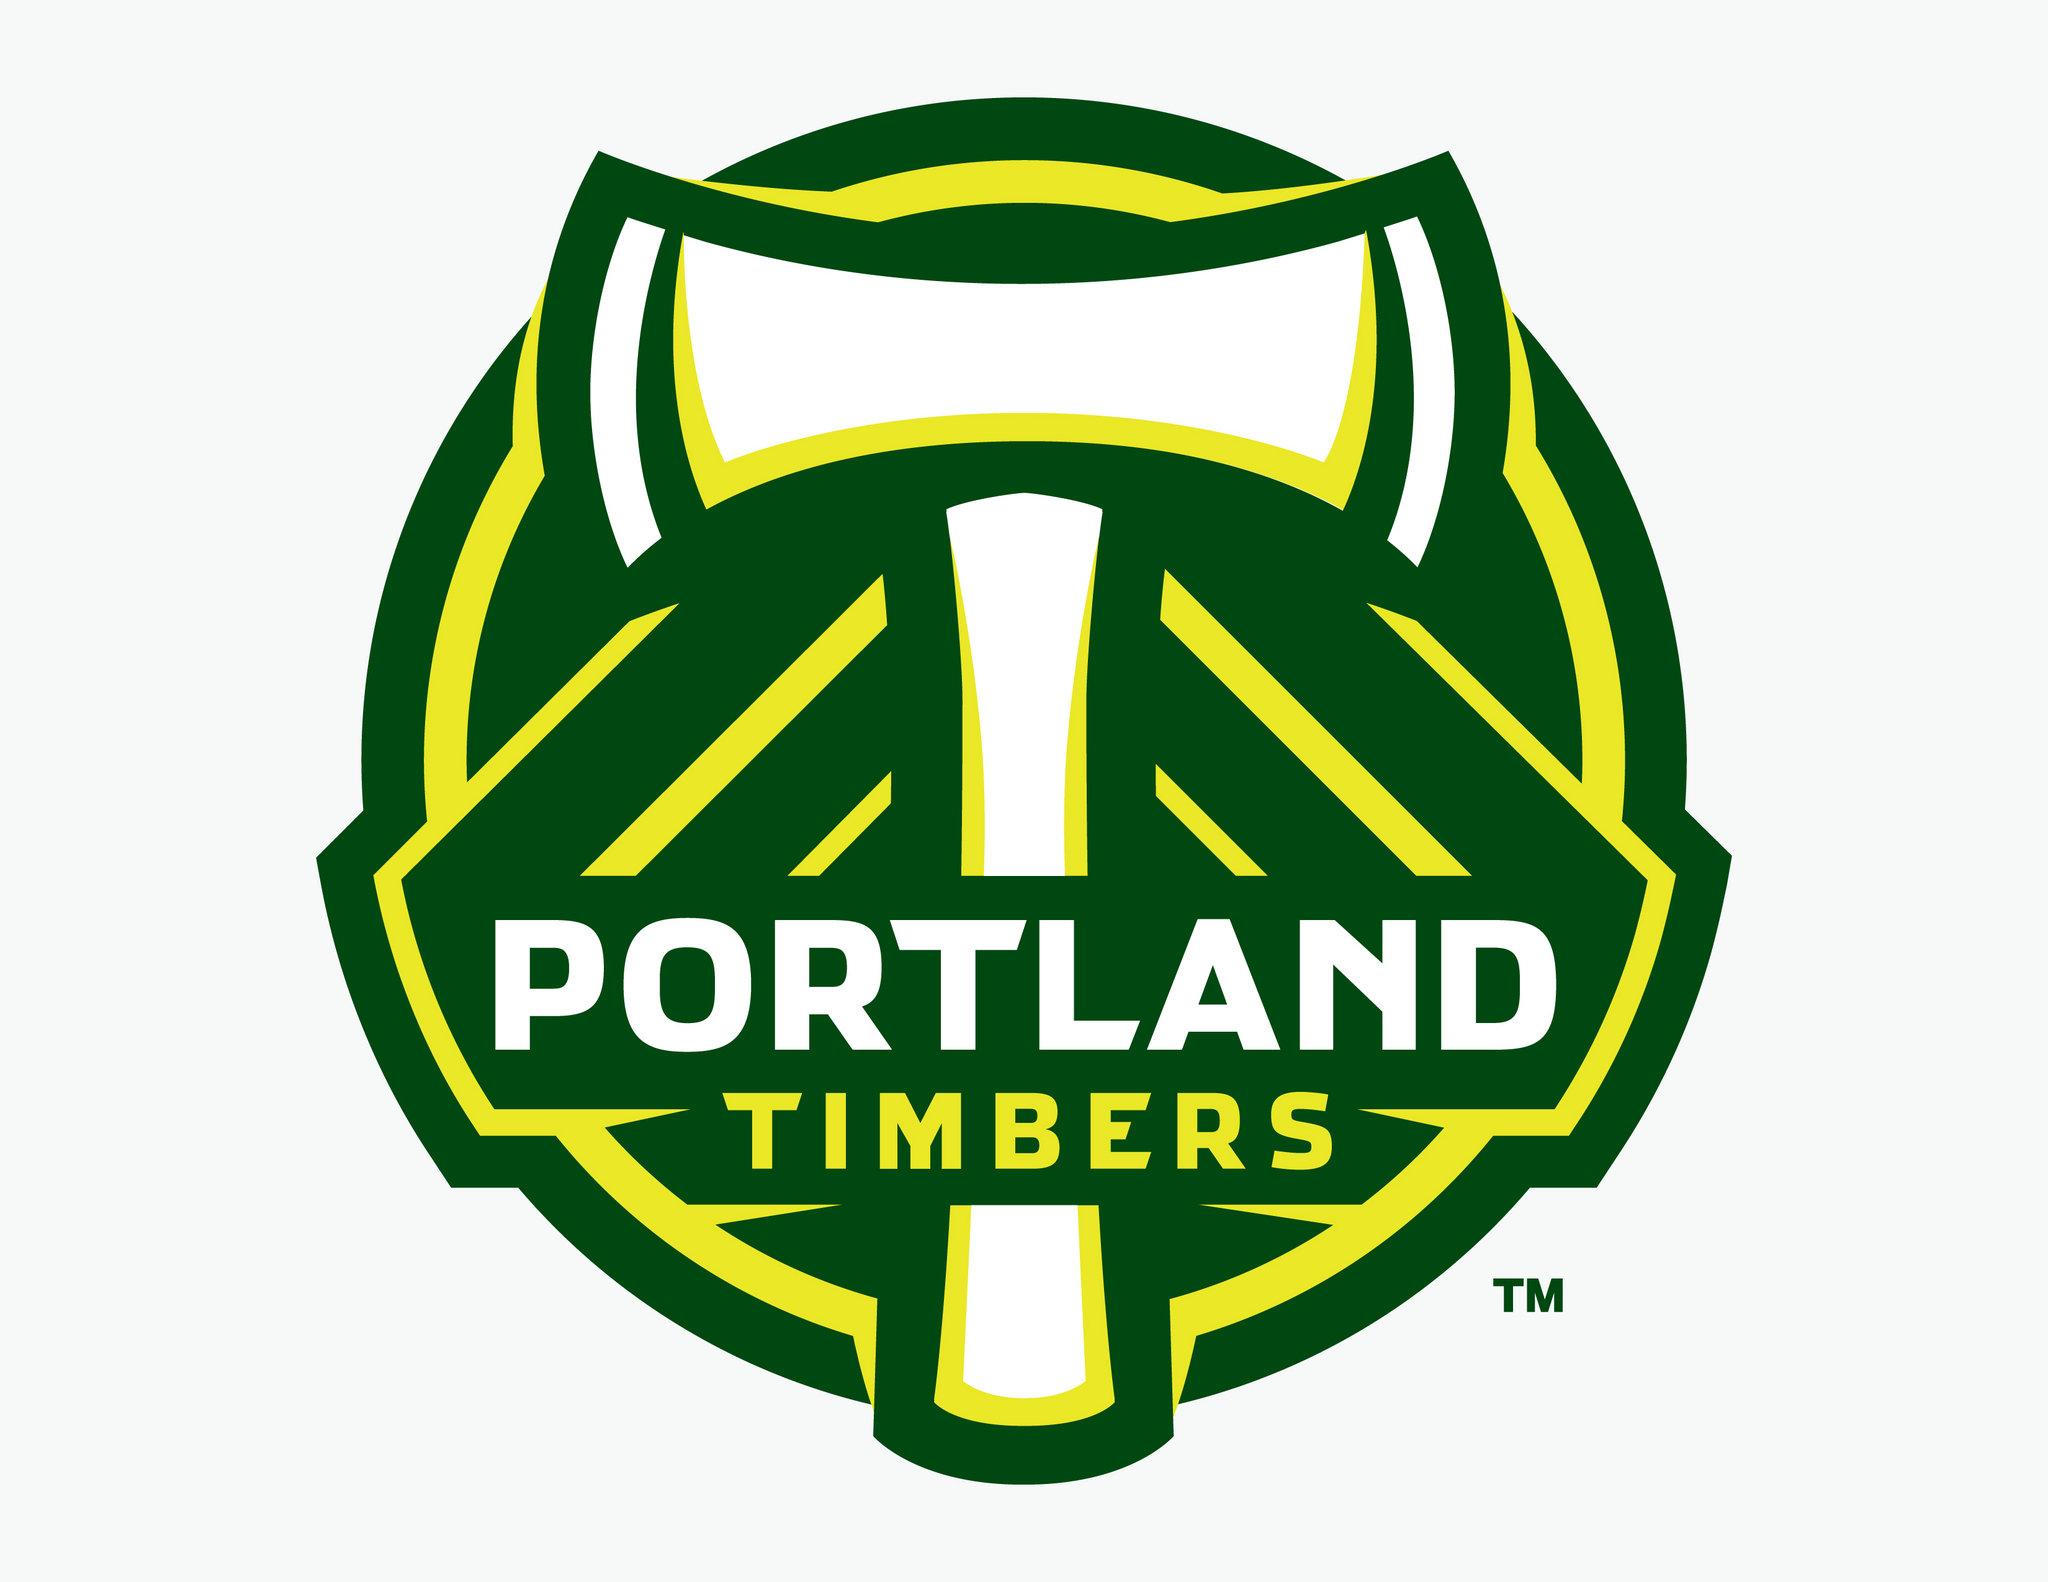 portland-timbers-logo.jpg